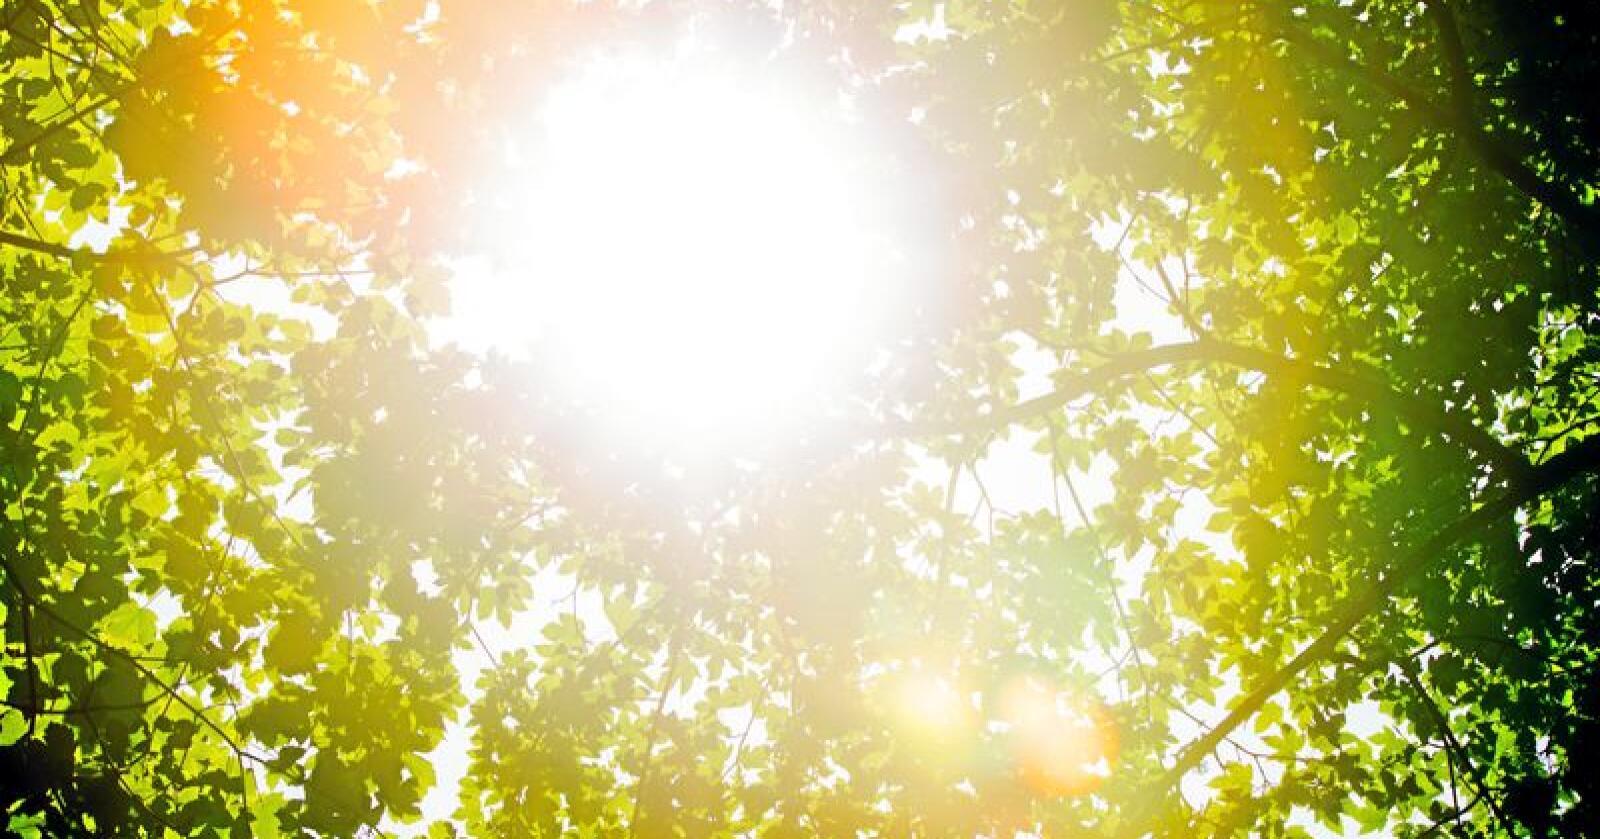 Livgivende: Sol og planter. Samspillet i naturen er så omfattende at det er vanskelig å ta inn over seg. Foto: Vegard Wivestad Grøtt / NTB scanpix